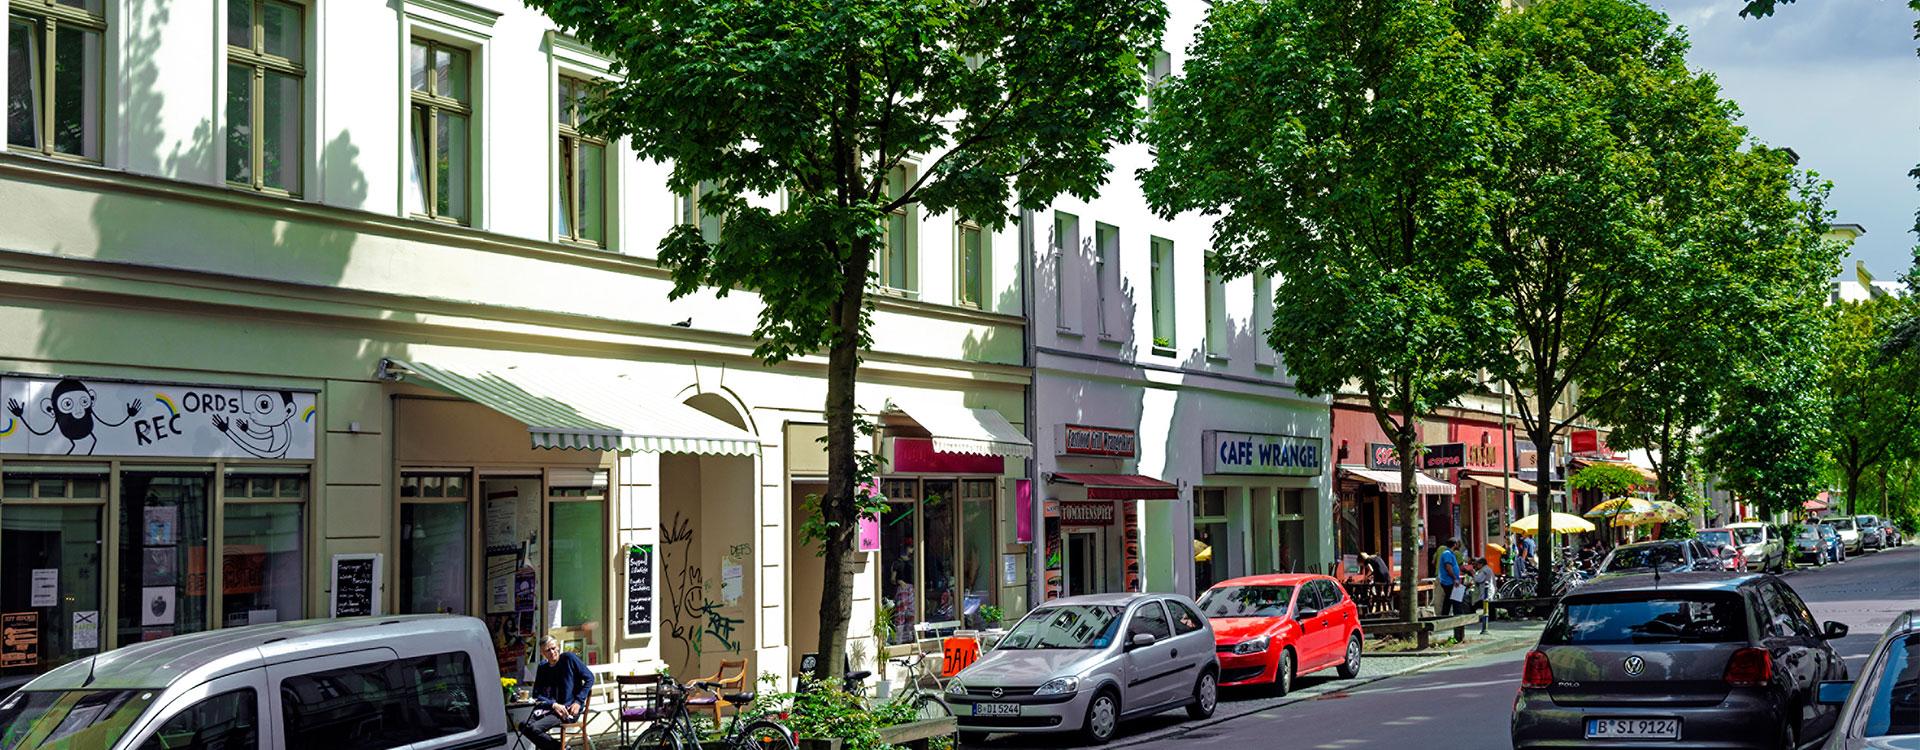 Downtown Kreuzberg: Kiezflair in der Wrangelstraße